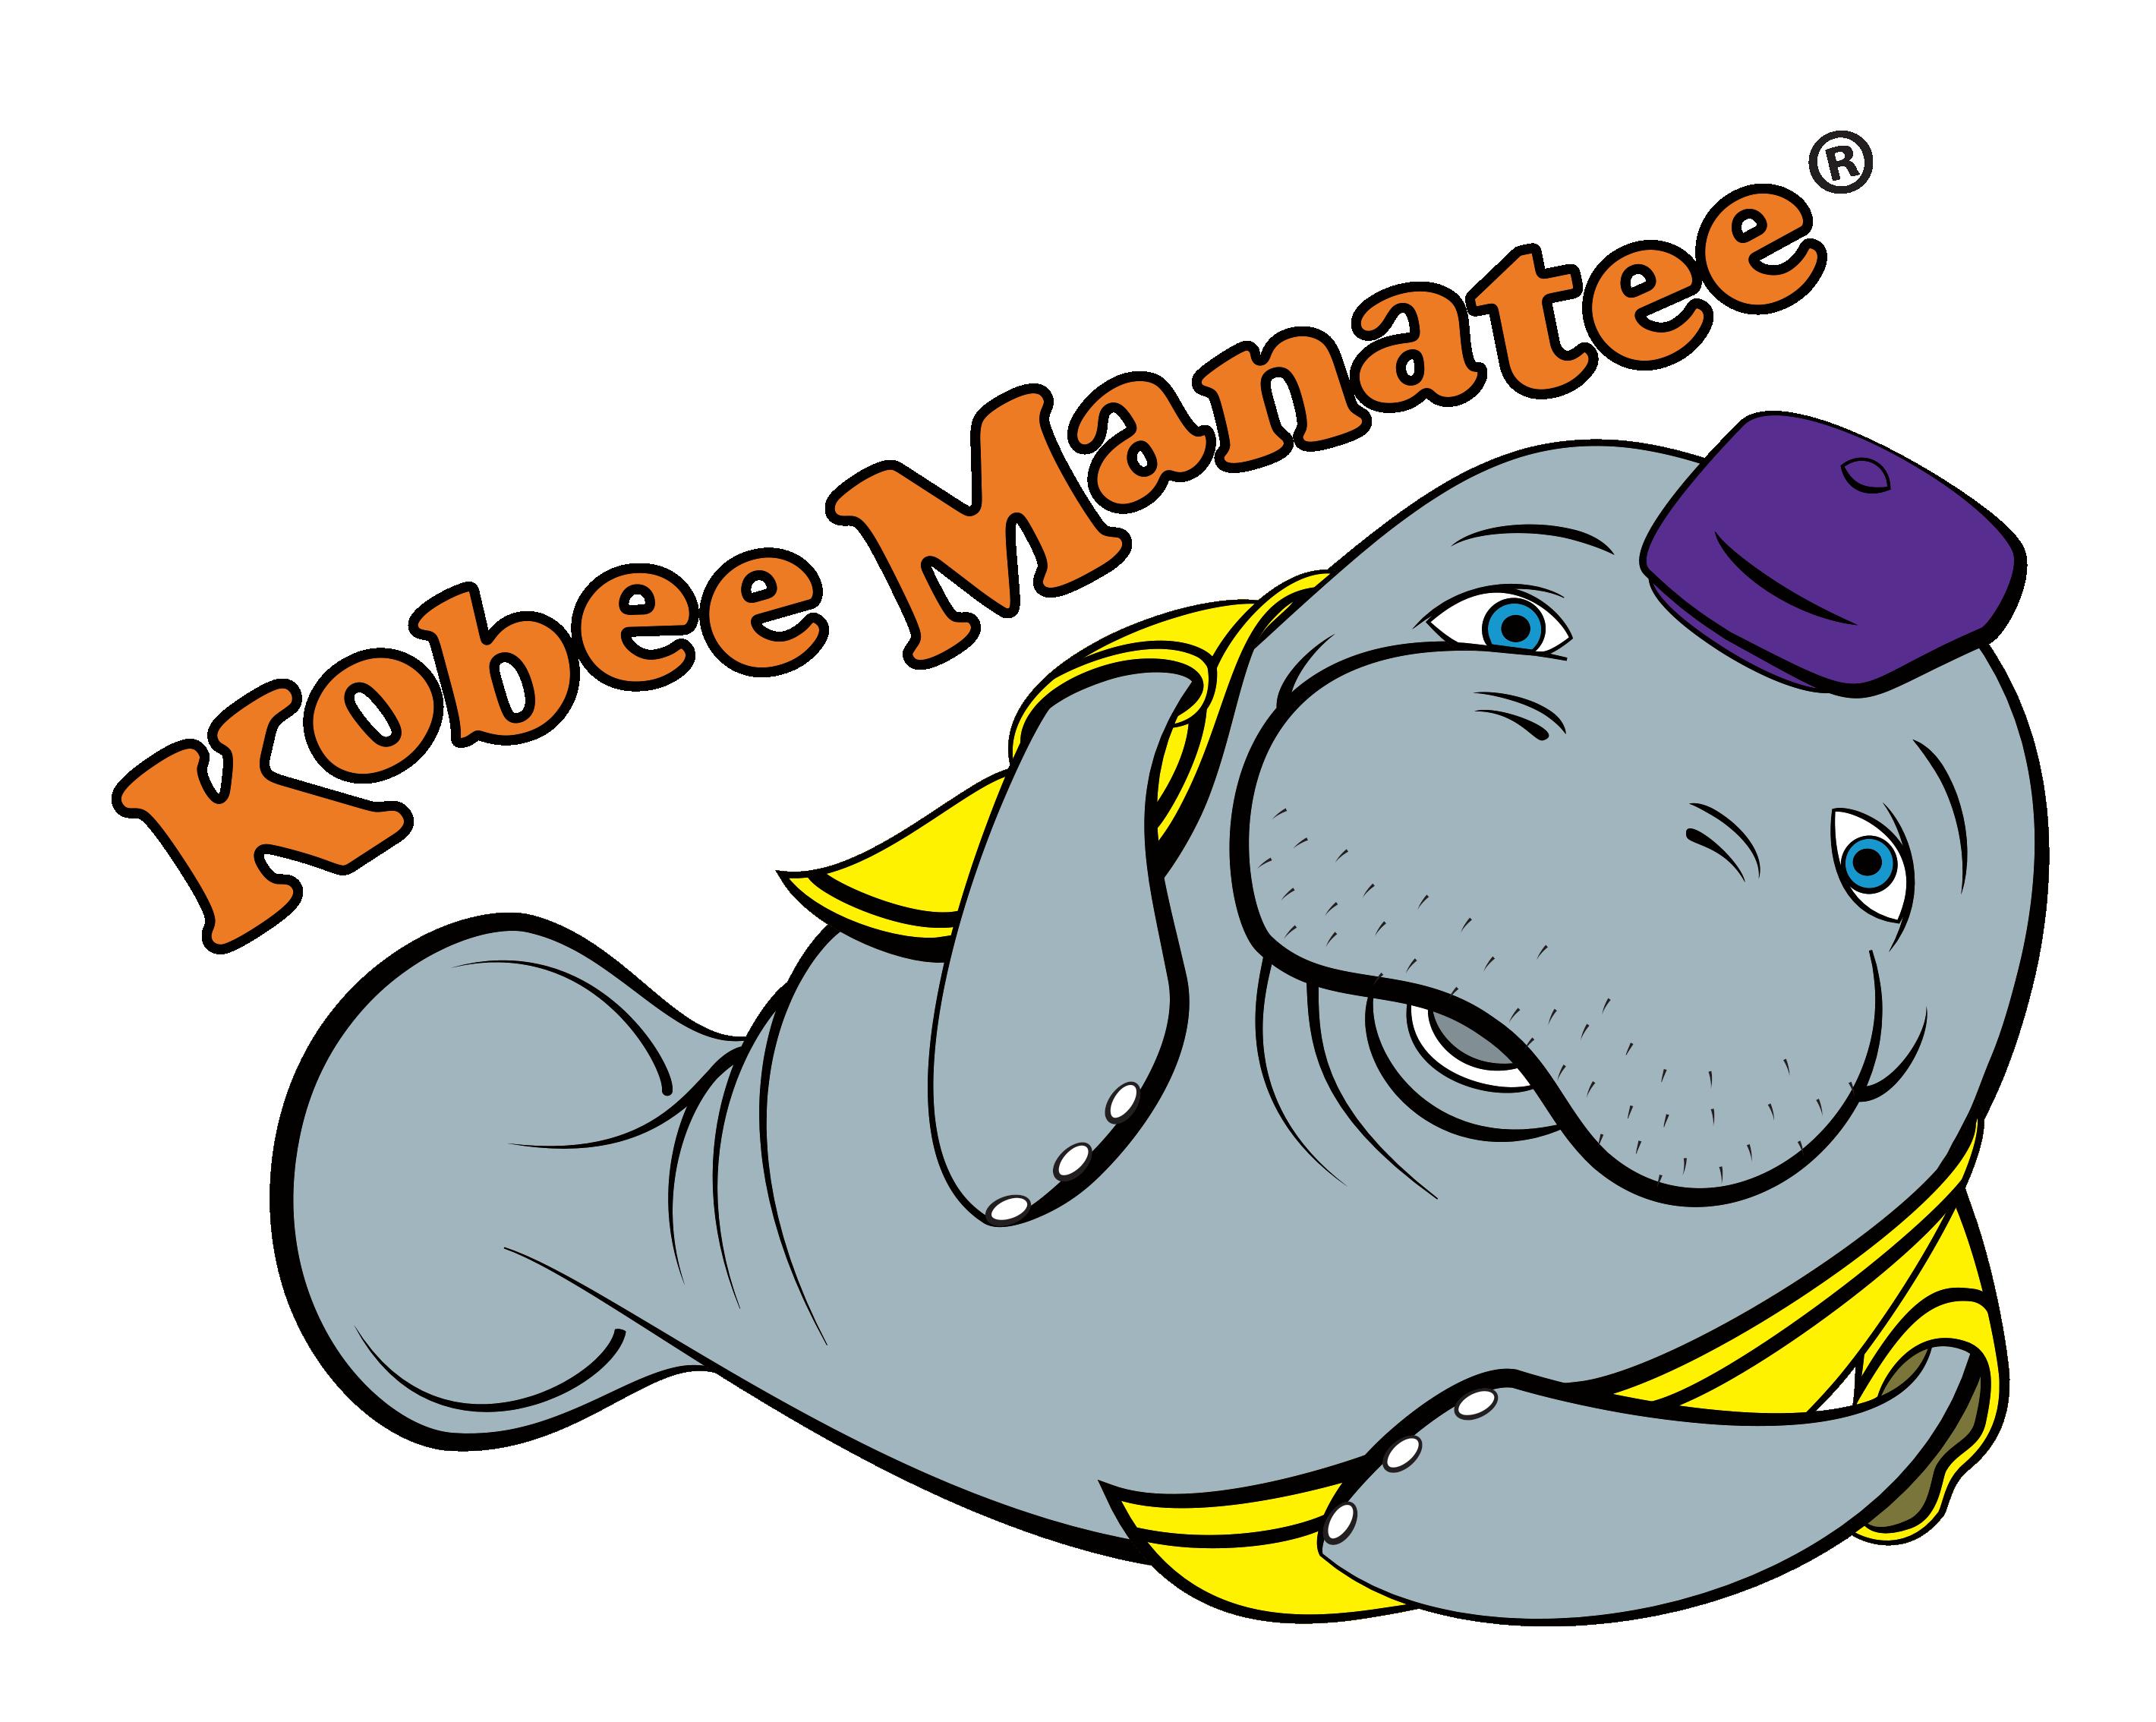 Kobee_Manatee_Logo